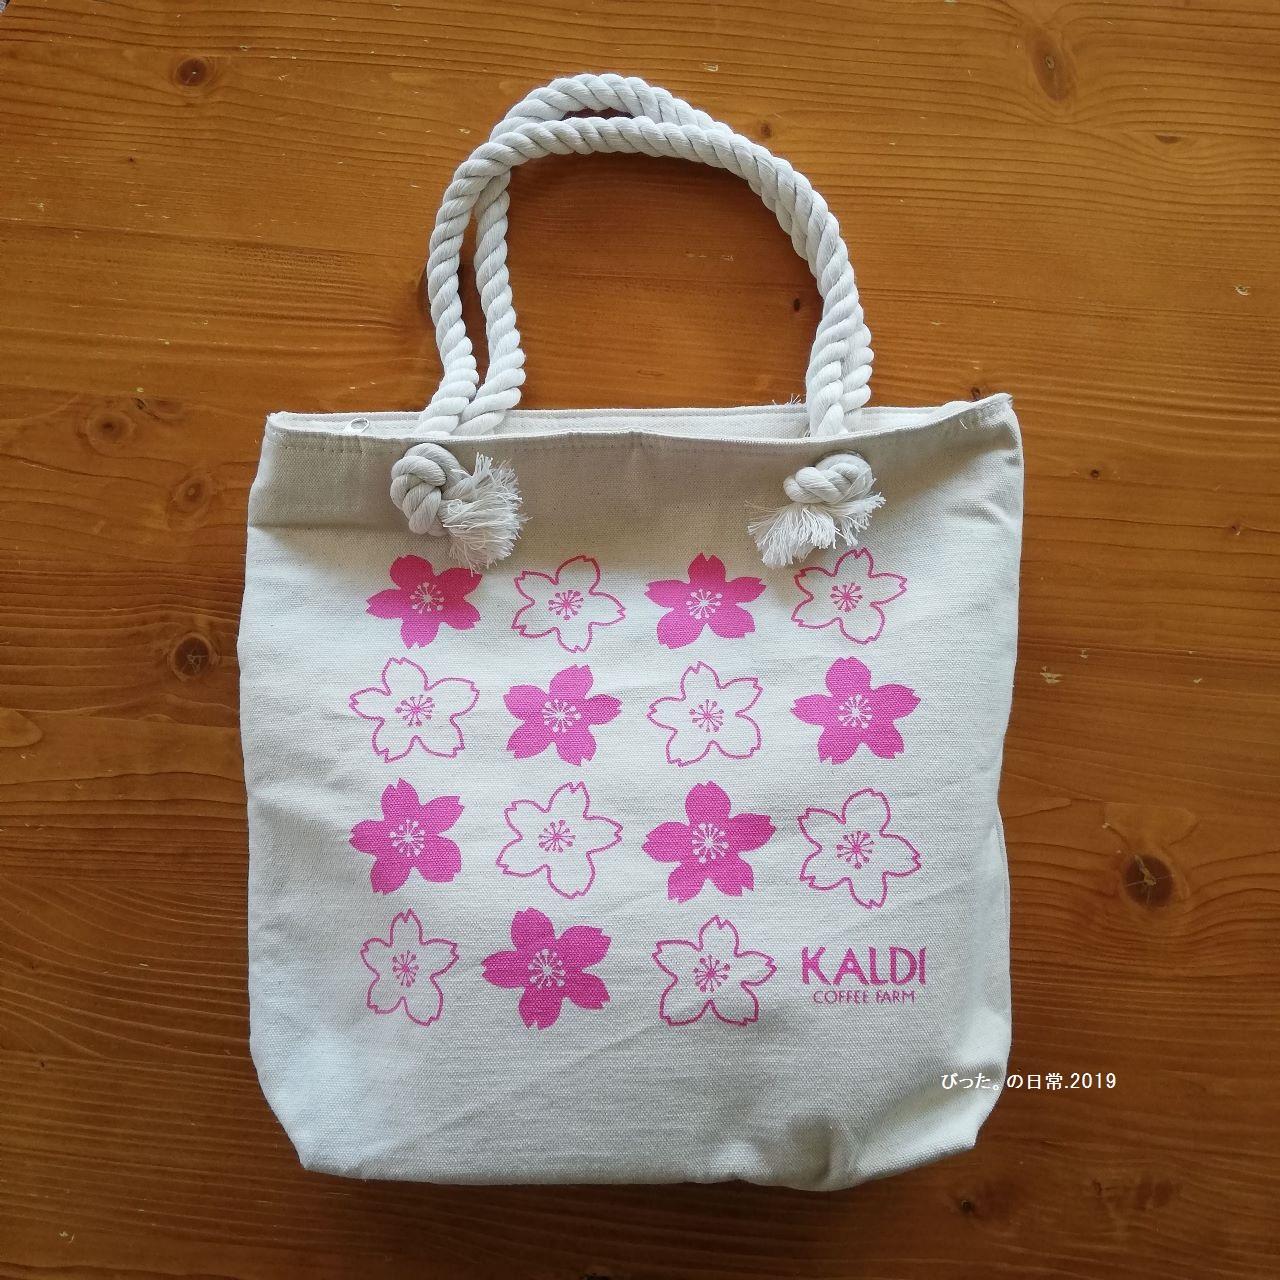 KALDI,カルディ,さくらバッグ